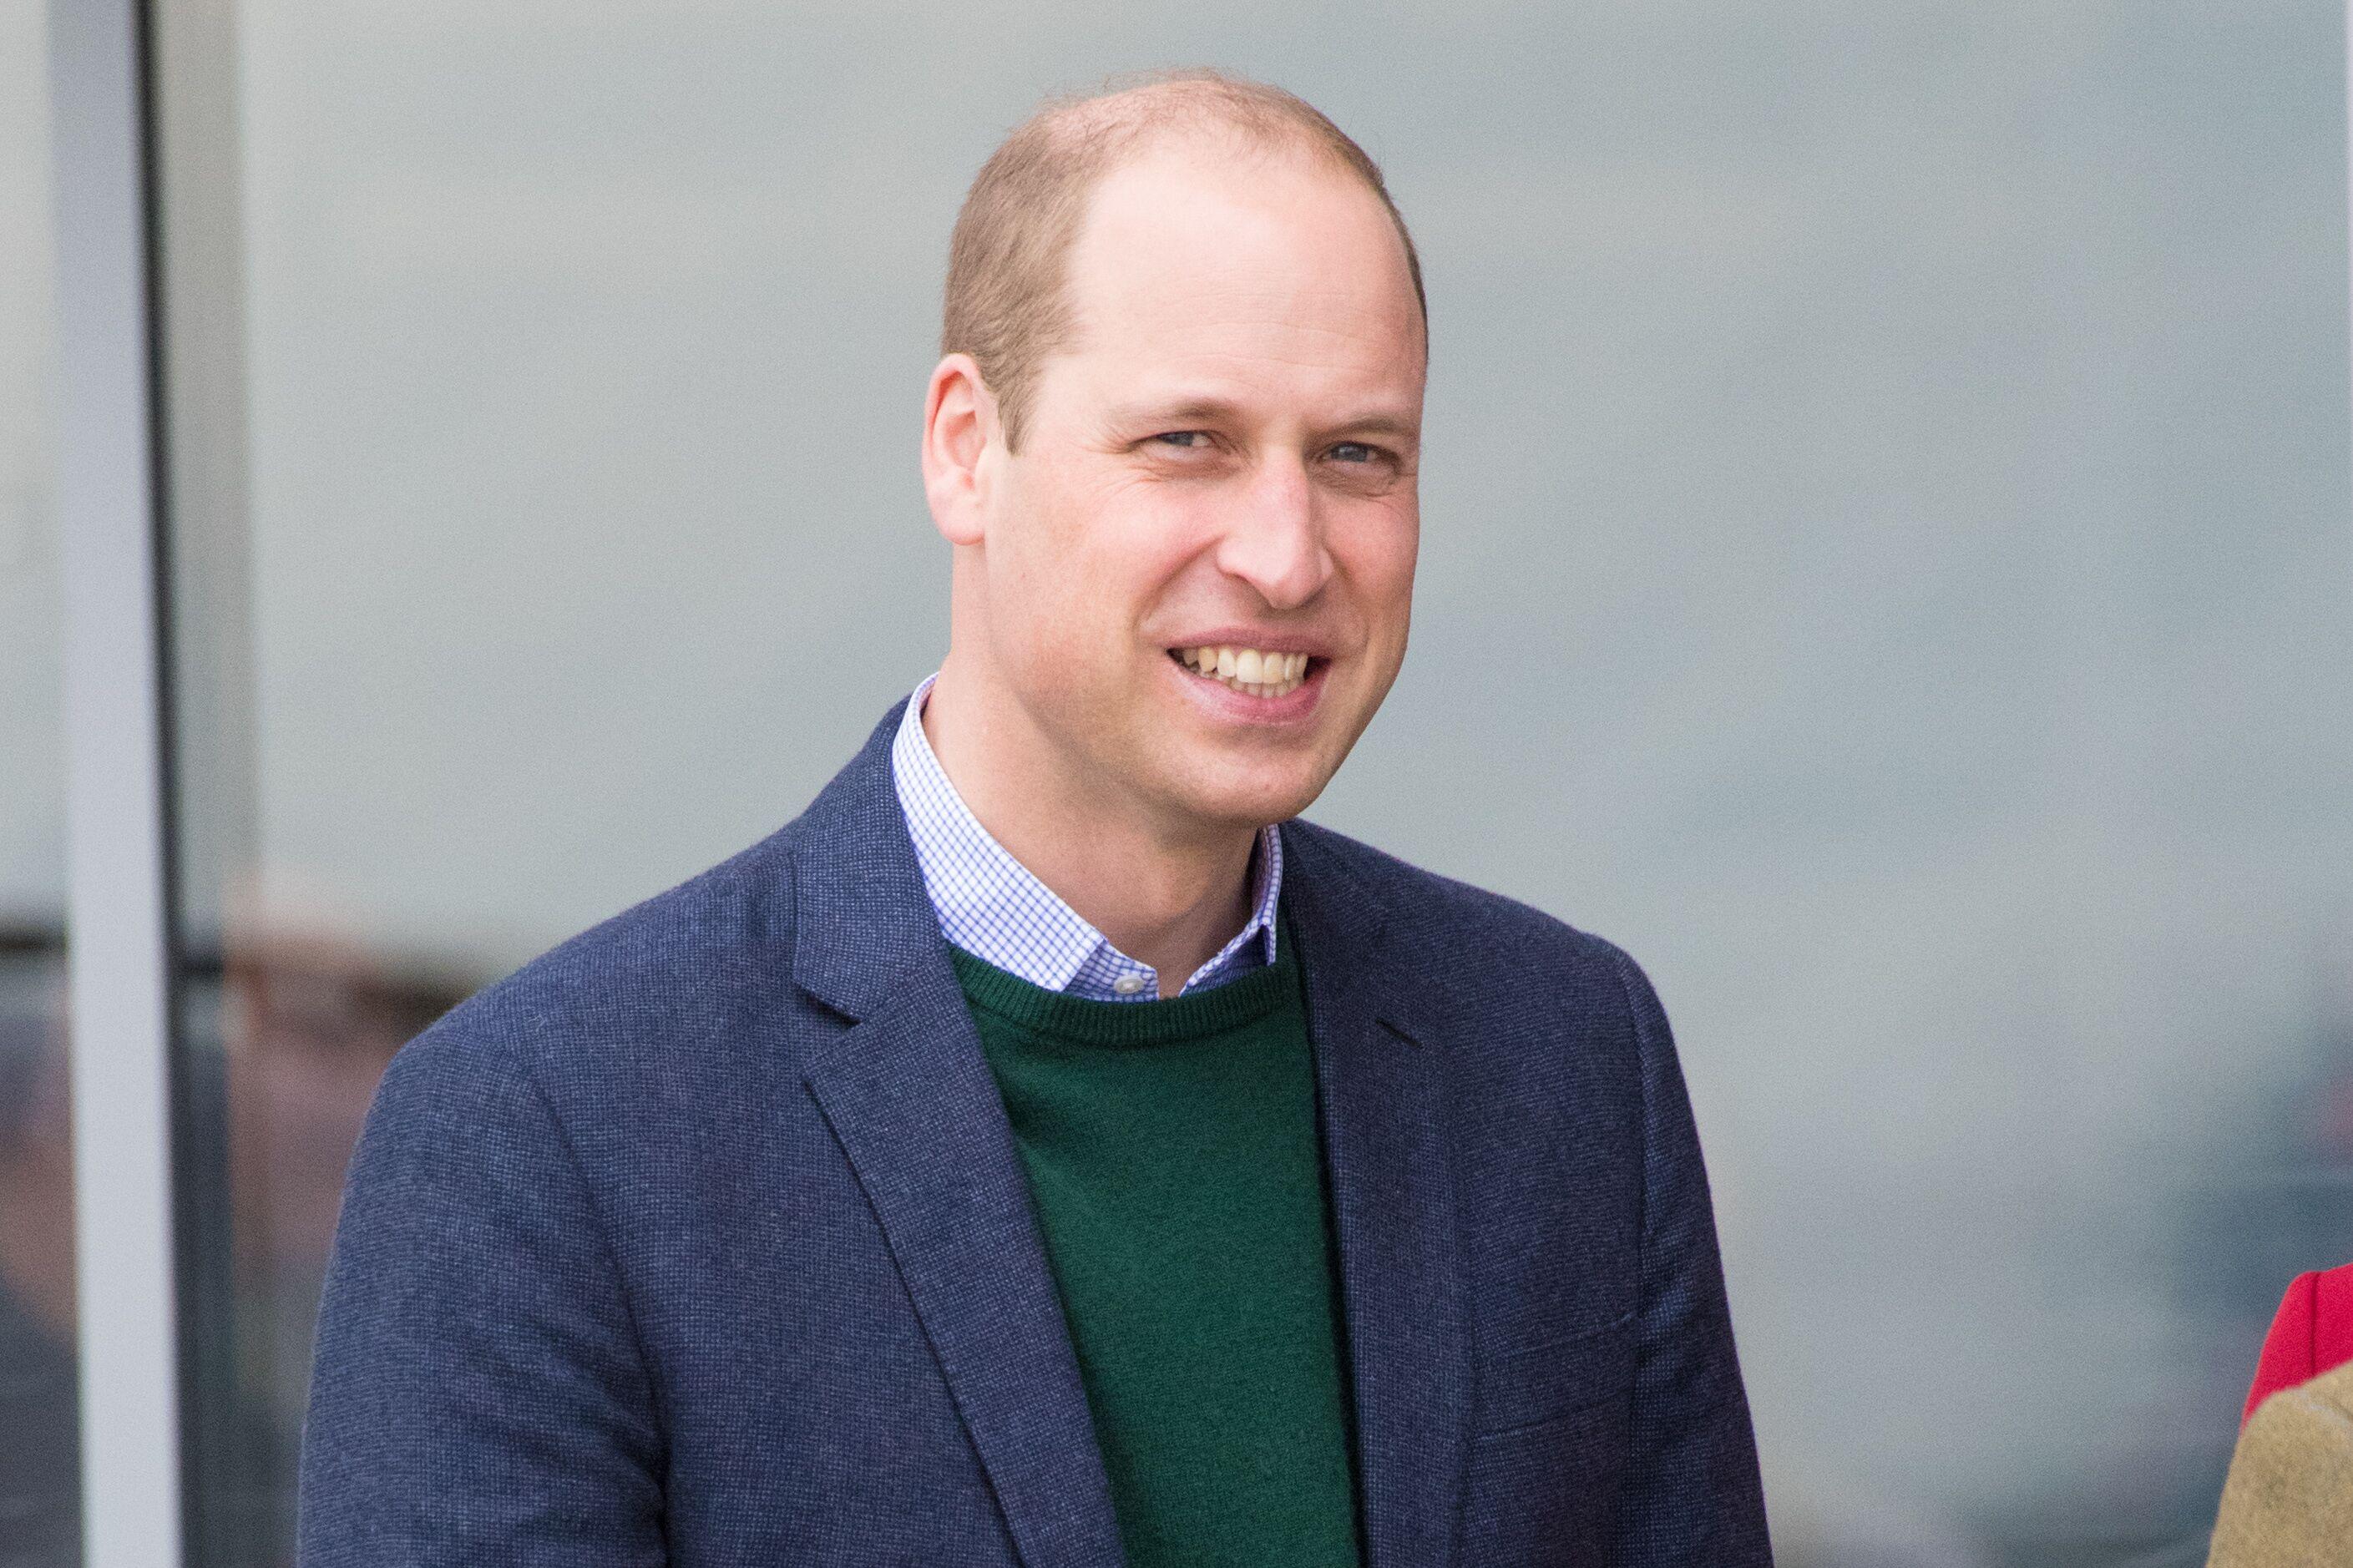 Quand le prince William plaisantait après un vol dantesque au Pakistan